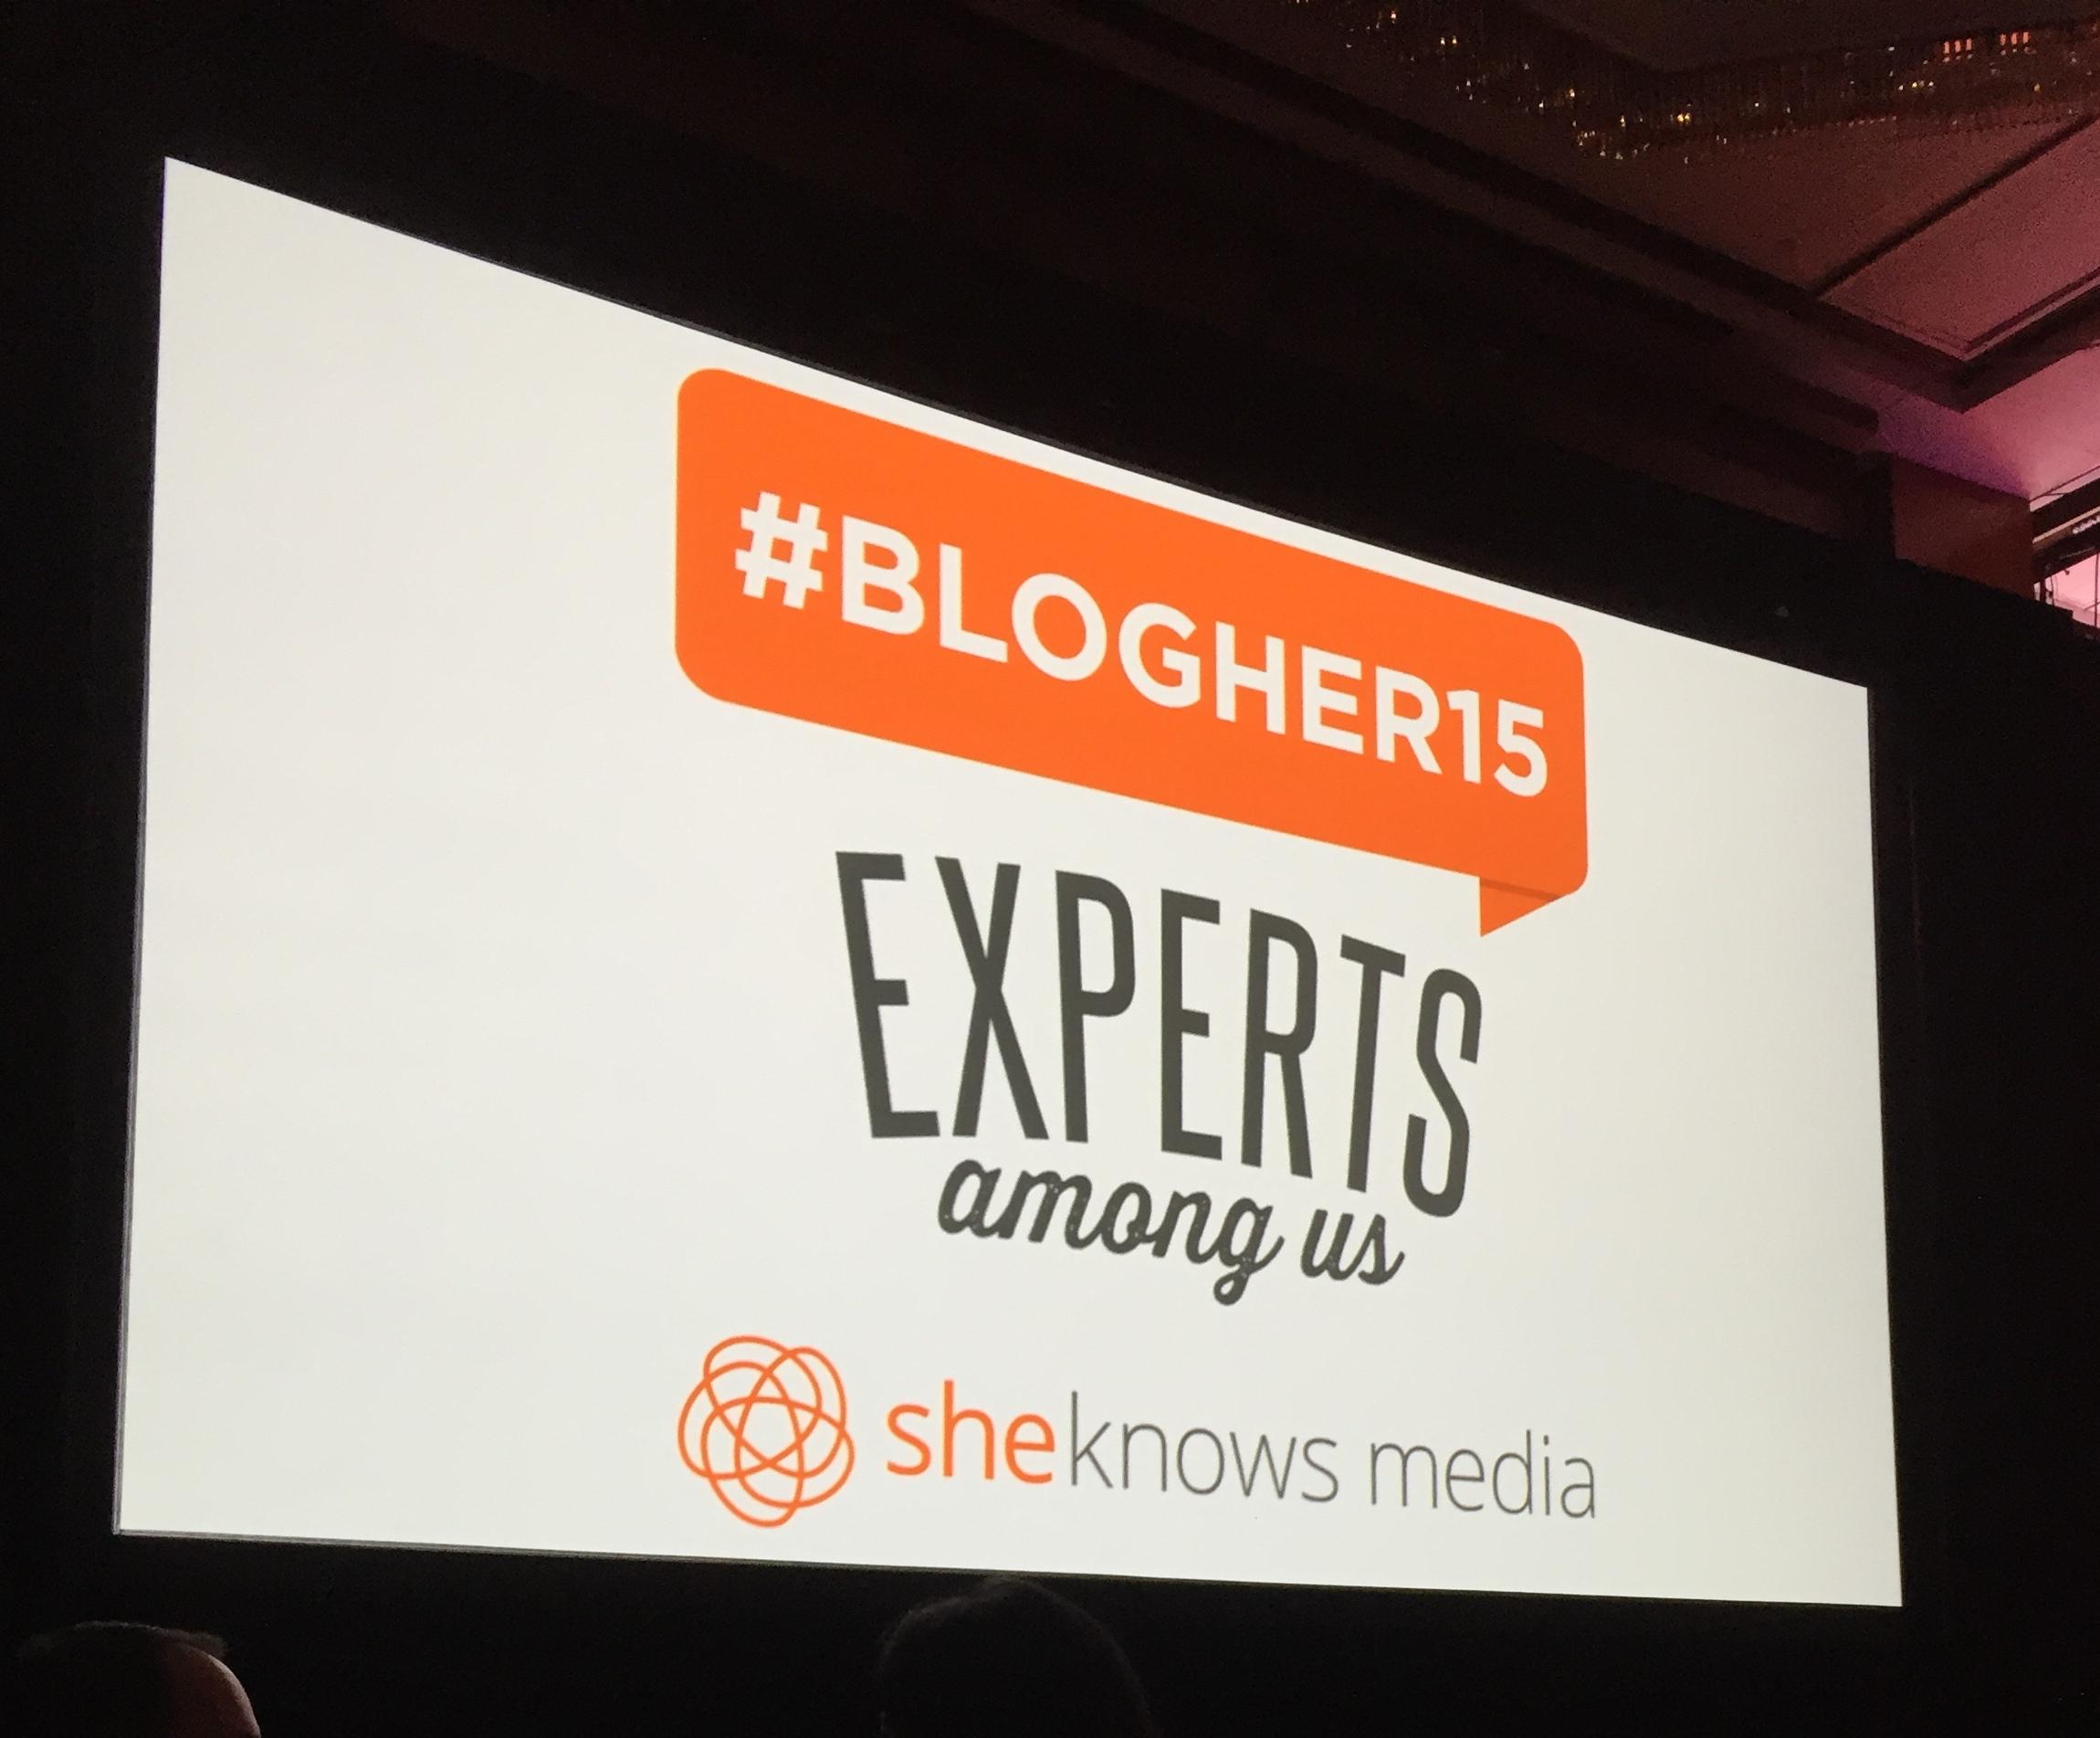 BlogHer15, blogging, blogosphere, #BlogHer15